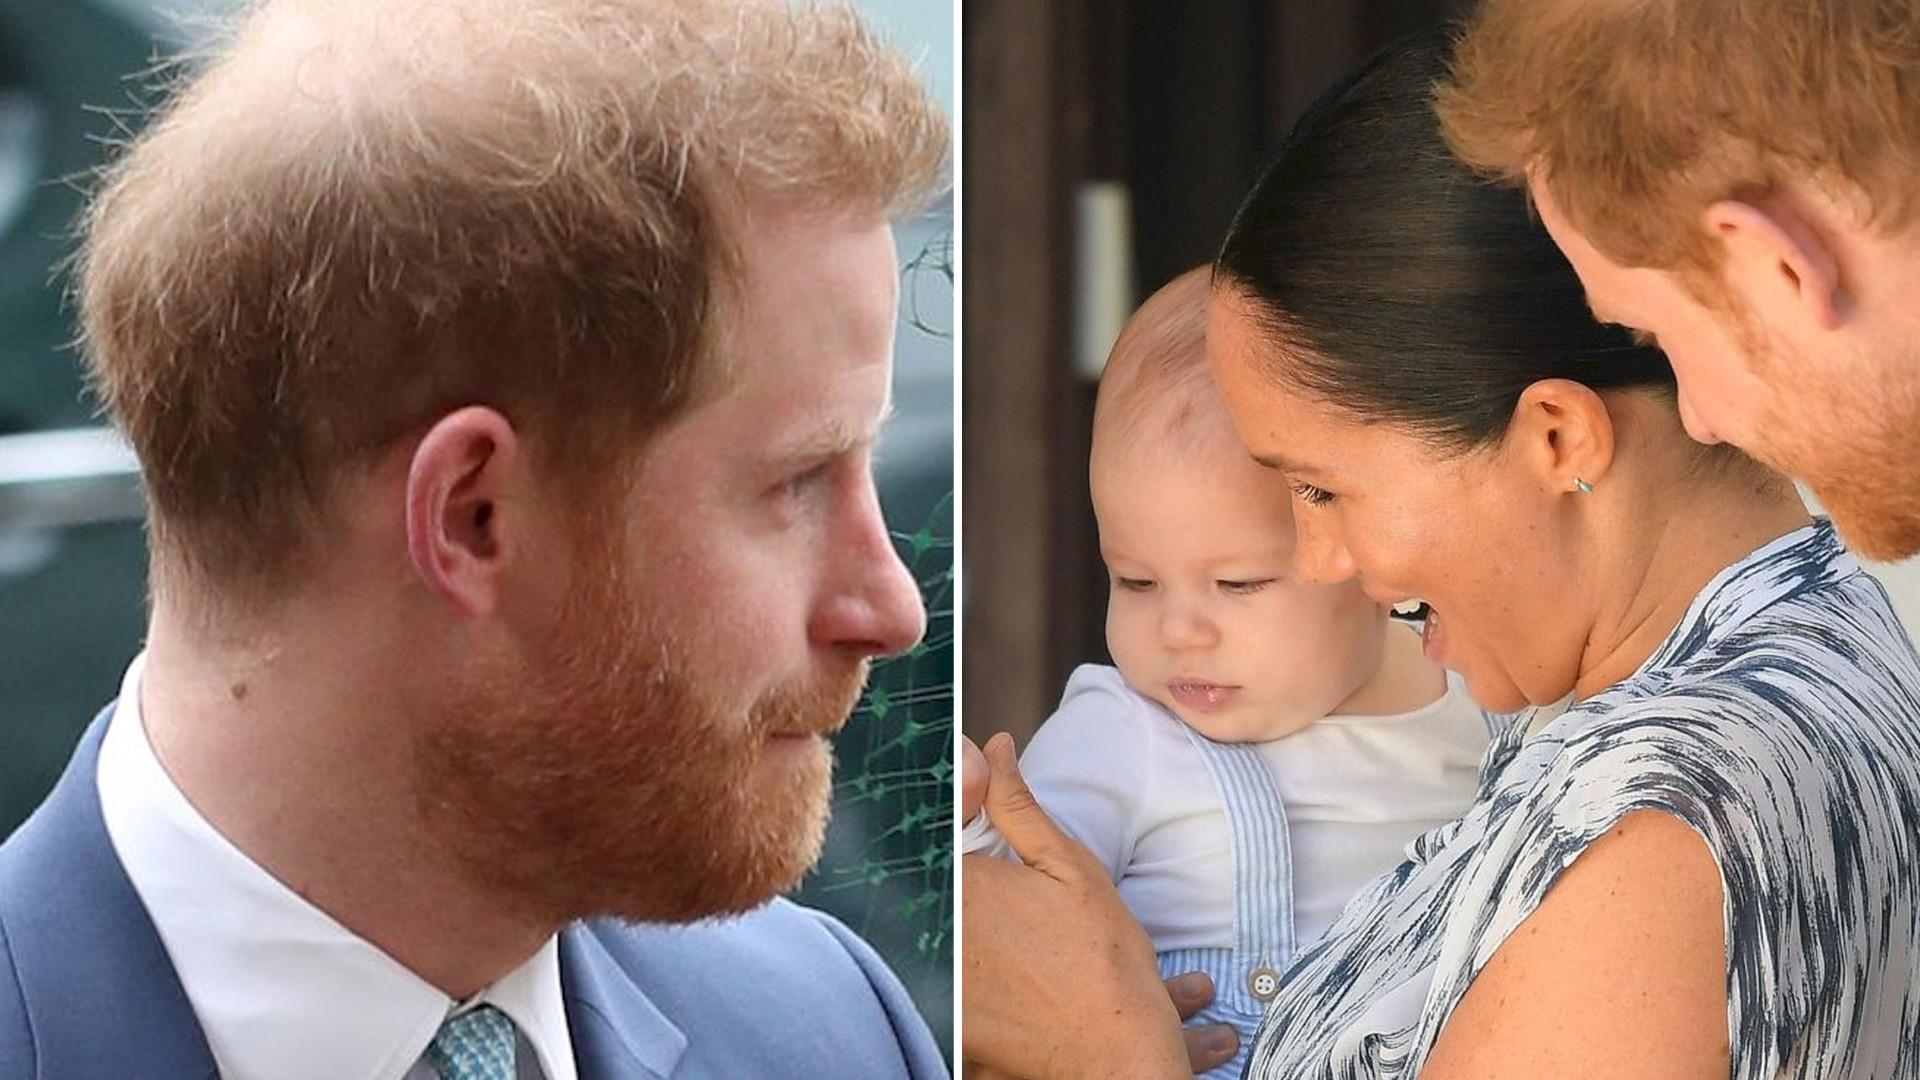 Książę Harry napisał list, w którym wyraził pragnienie lepszej przyszłości dla swojego syna